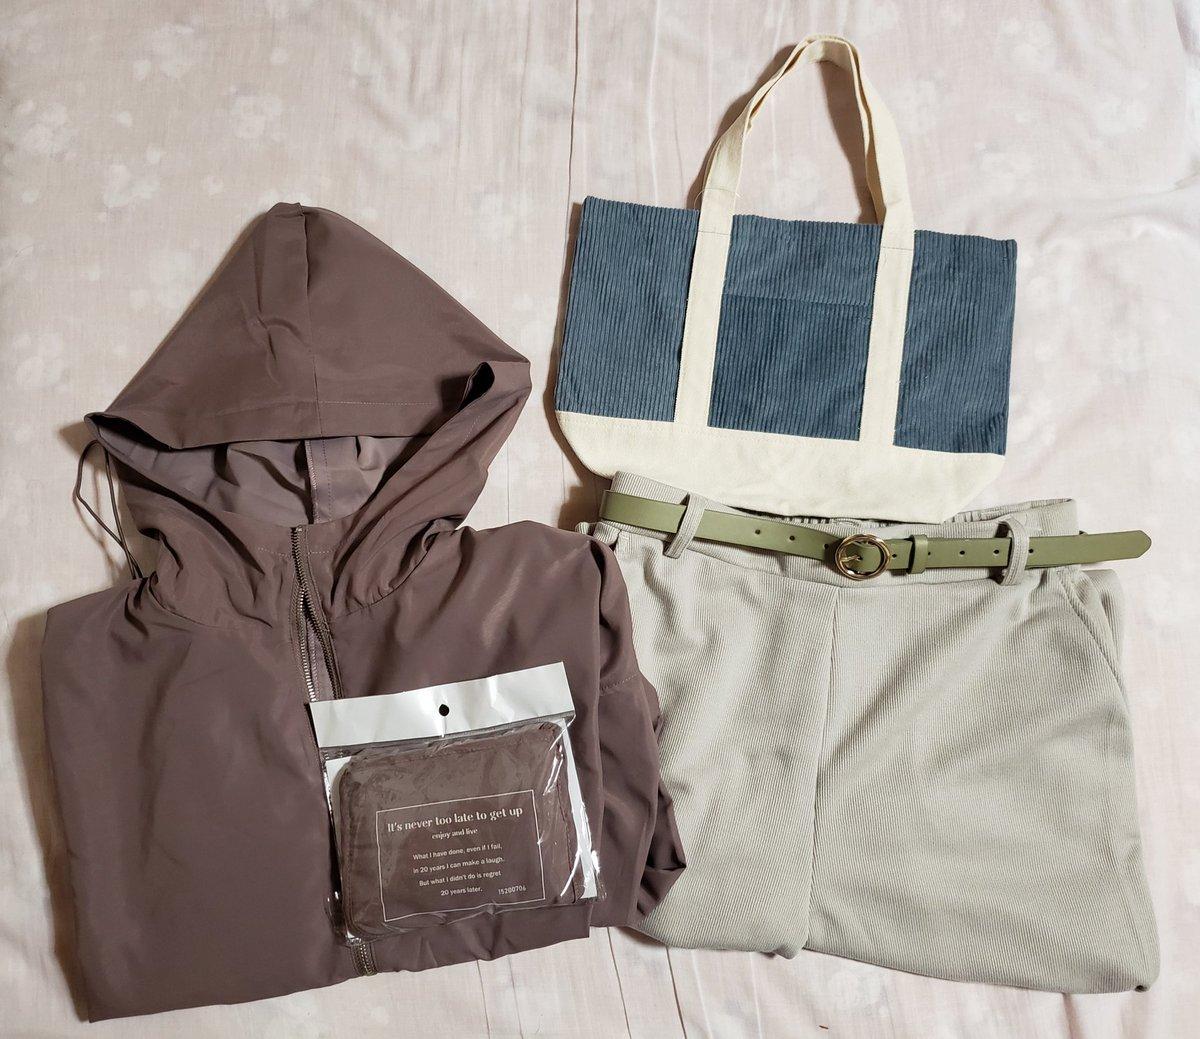 昨日今日買ったもの。モカ色のマンパとリブパンツ@しまむらコーデュロイのトート@ダイソーマンパは大きいお弁当箱も入るエコバッグ付きでした(●´ω`●)リブパンツのベルトは他社さんのものです。#しまパト